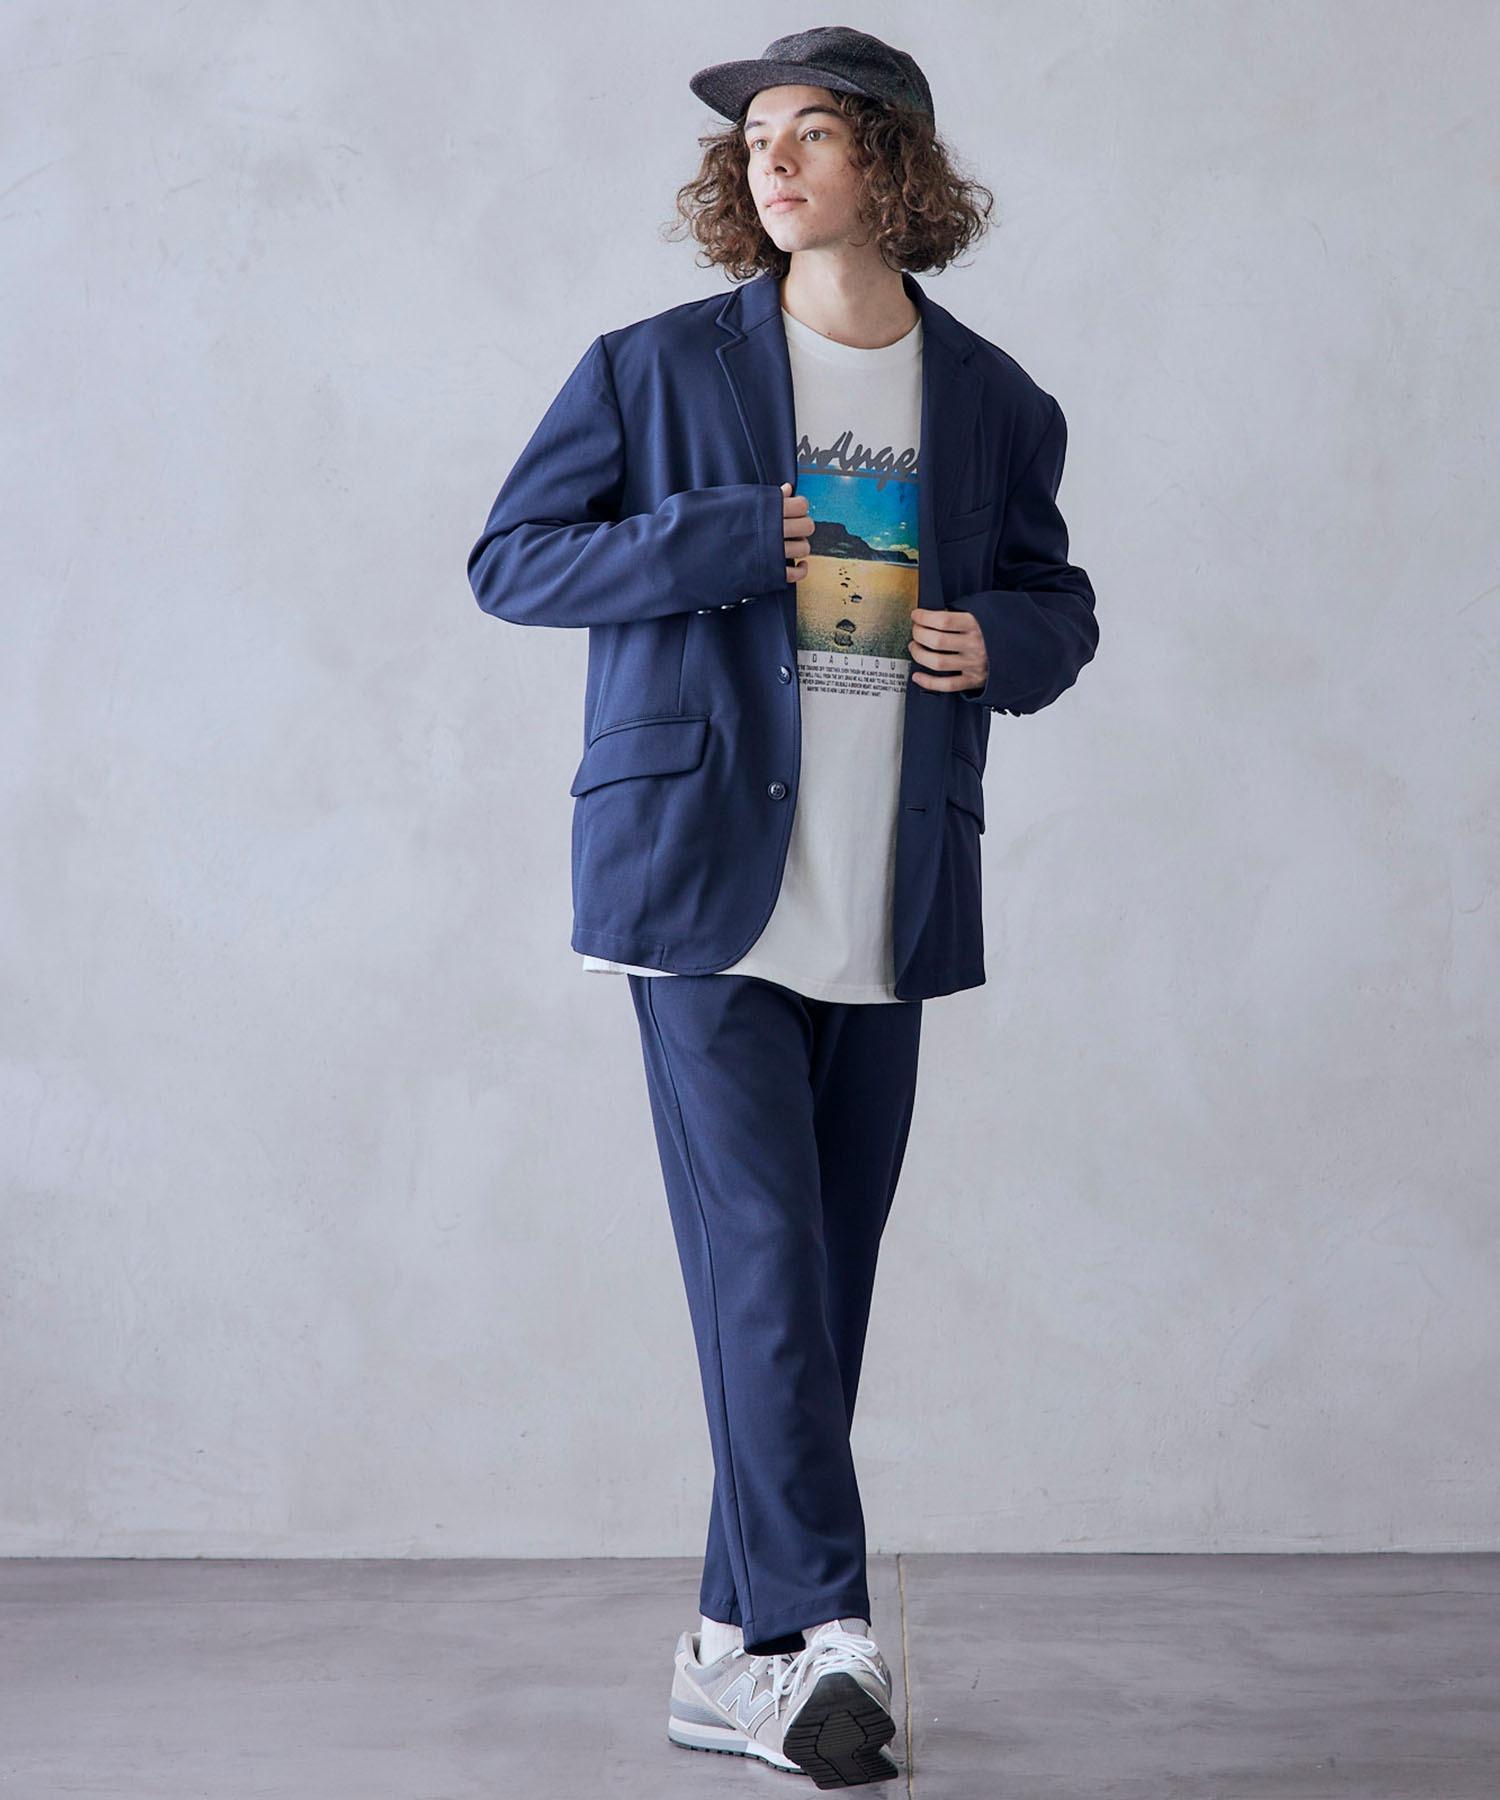 【セットアップ】ジョーゼットストレッチ シングル 2Bテーラードジャケット&トラウザーズパンツ